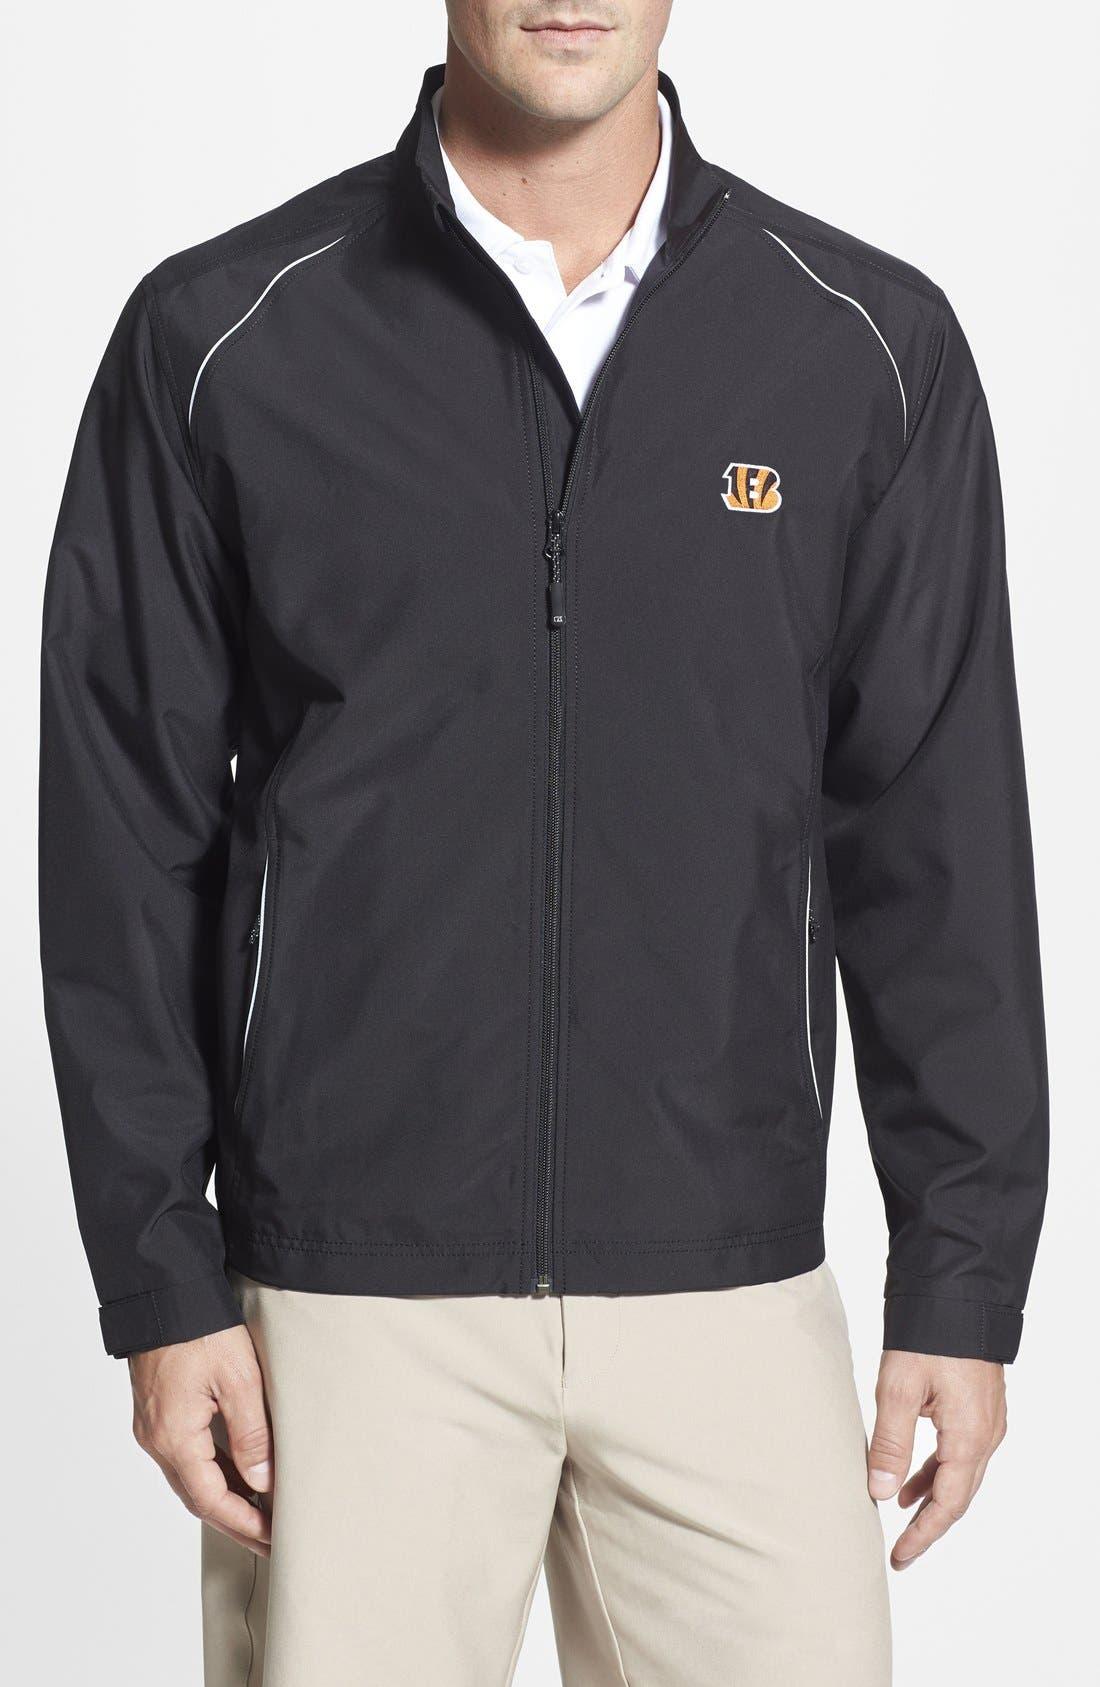 'Cincinnati Bengals - Beacon' WeatherTec Wind & Water Resistant Jacket,                         Main,                         color, Black